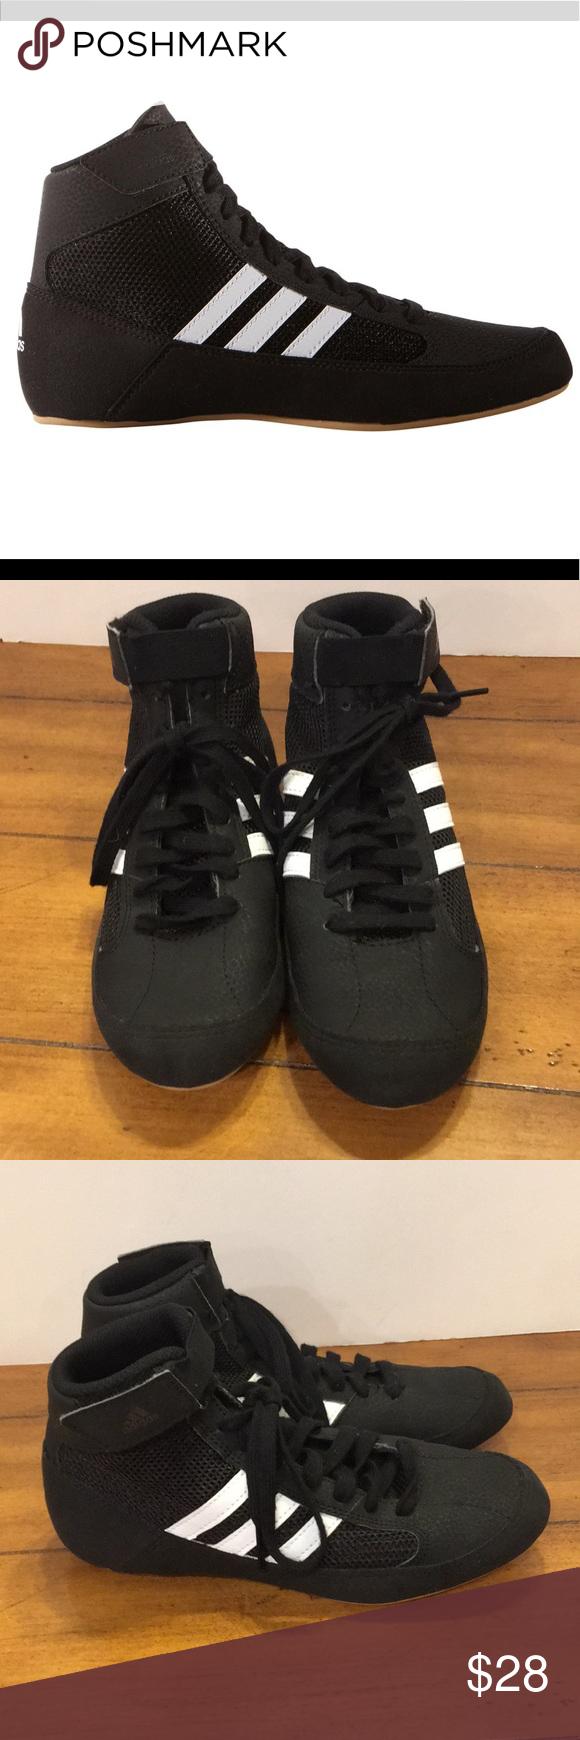 boys velcro wrestling shoes